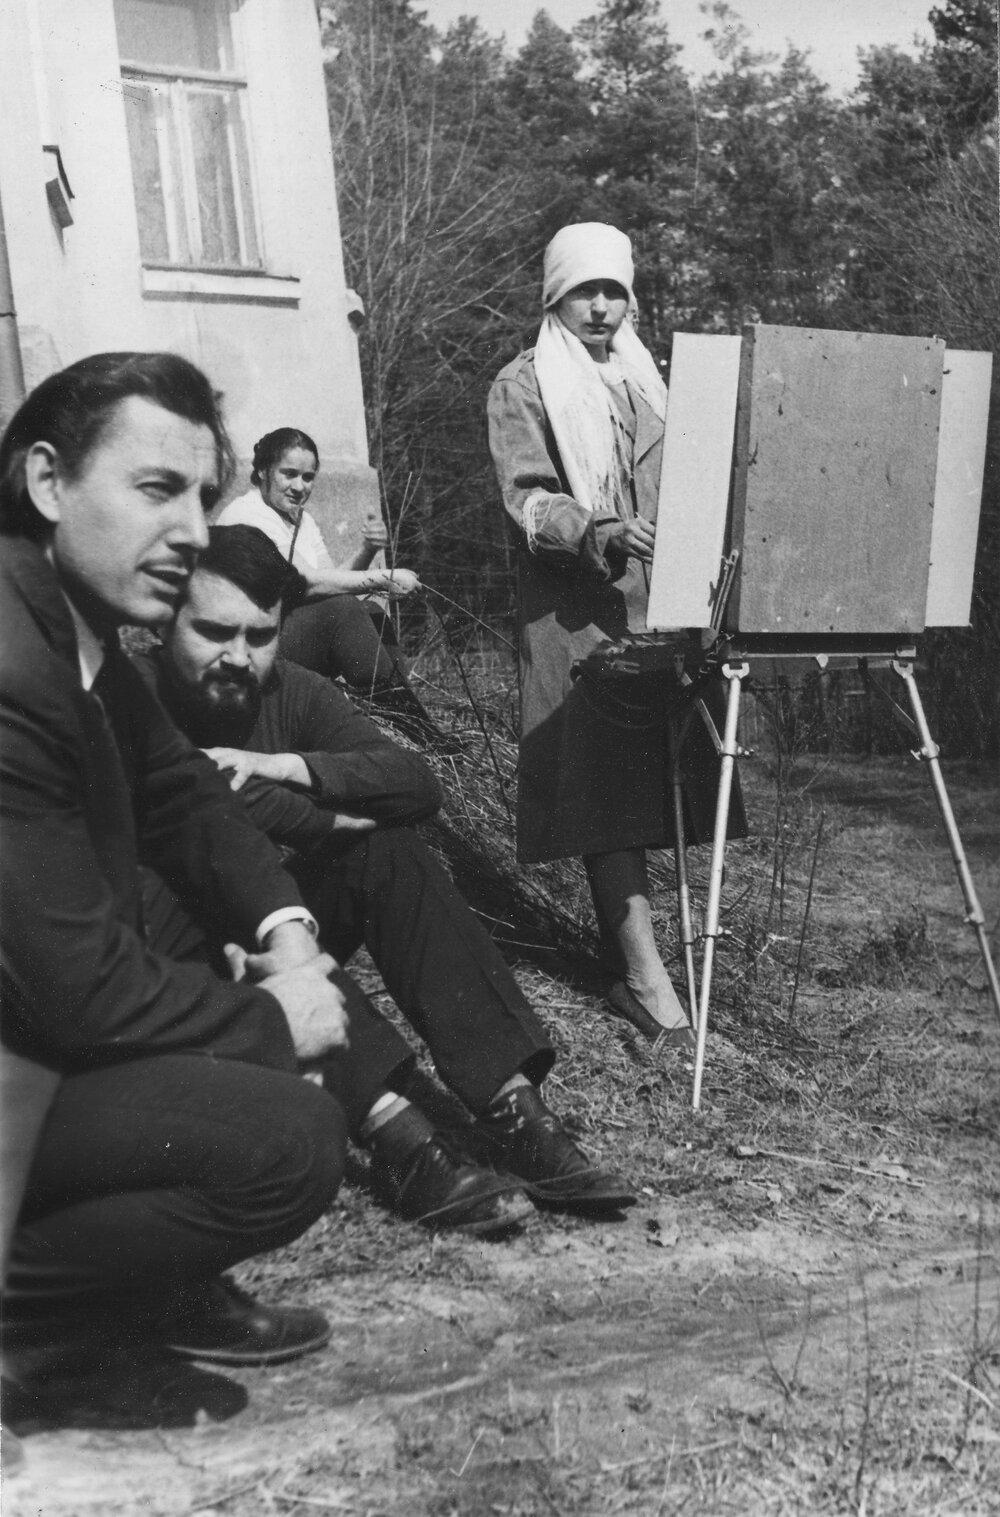 Резидент(к)и майстерень на Сошенка, 33, 1960-ті роки. Архівне фото надане Анною Сороковою